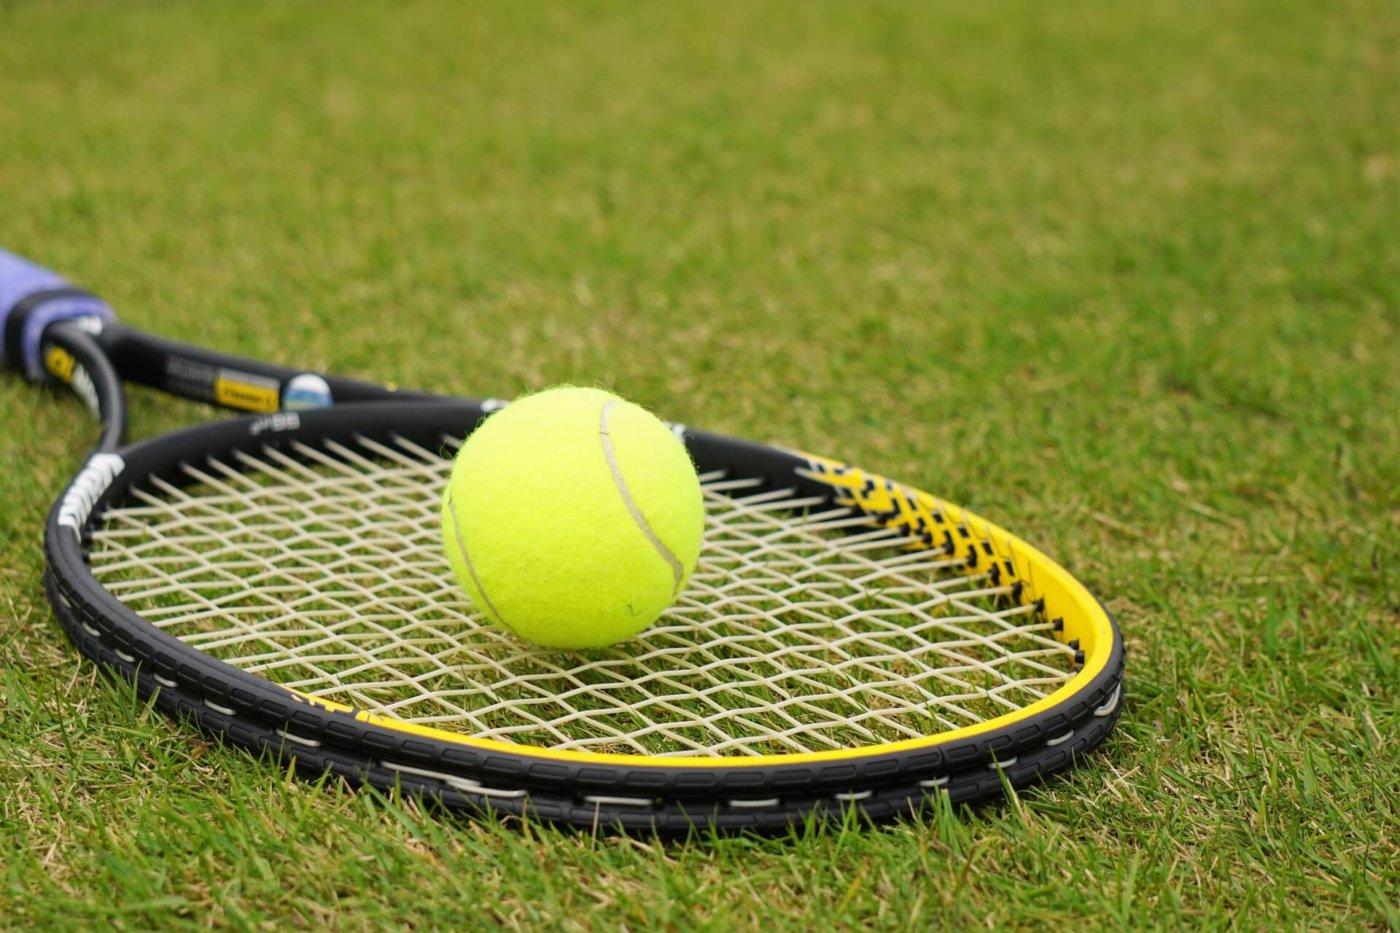 初心者は、これを用意しろ!初心者が用意すべきテニス用品